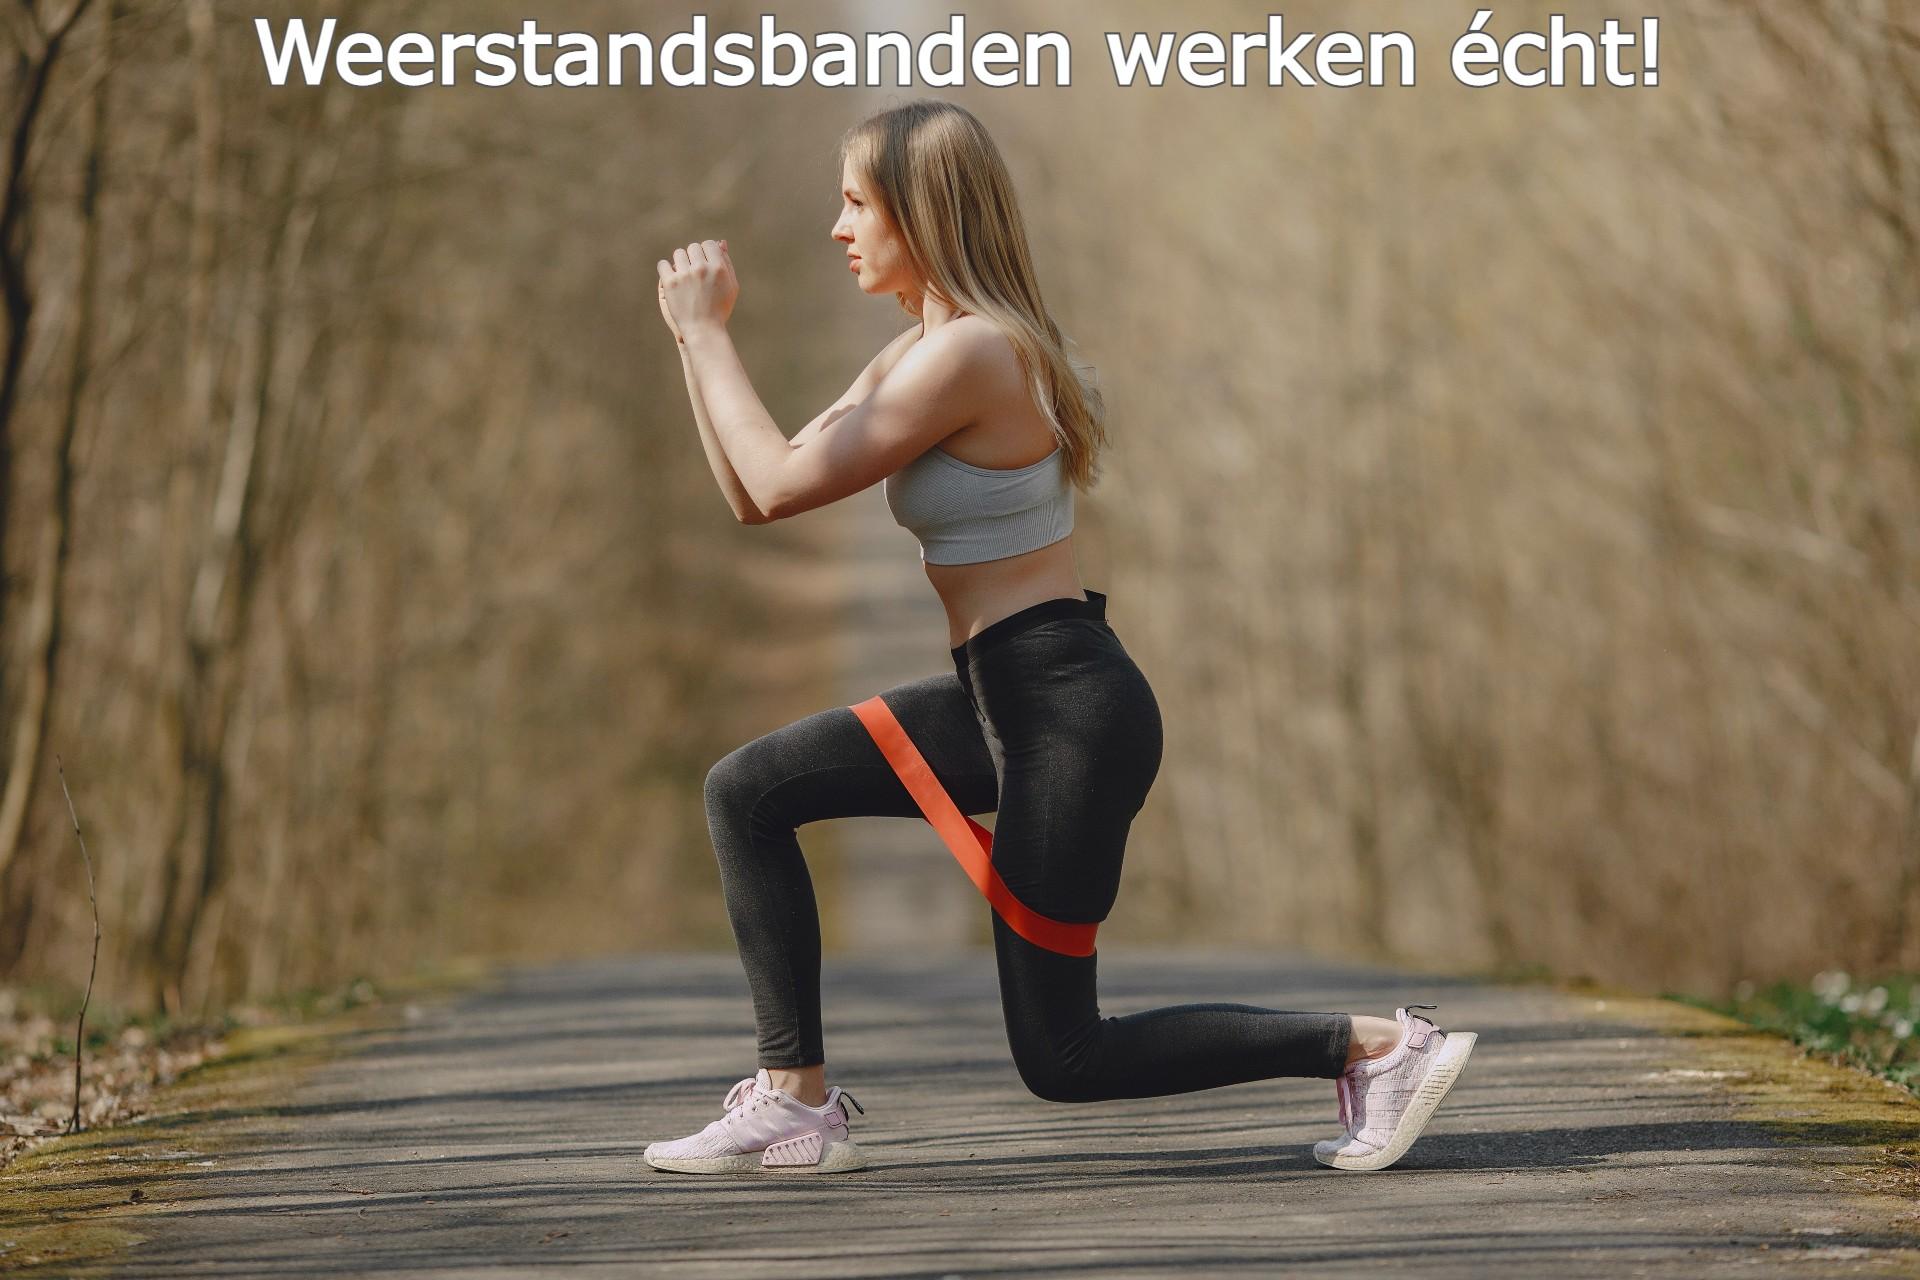 #personaltrainerenschede #trainenenschede #sportenschede #weerstandsbanden #weerstandband